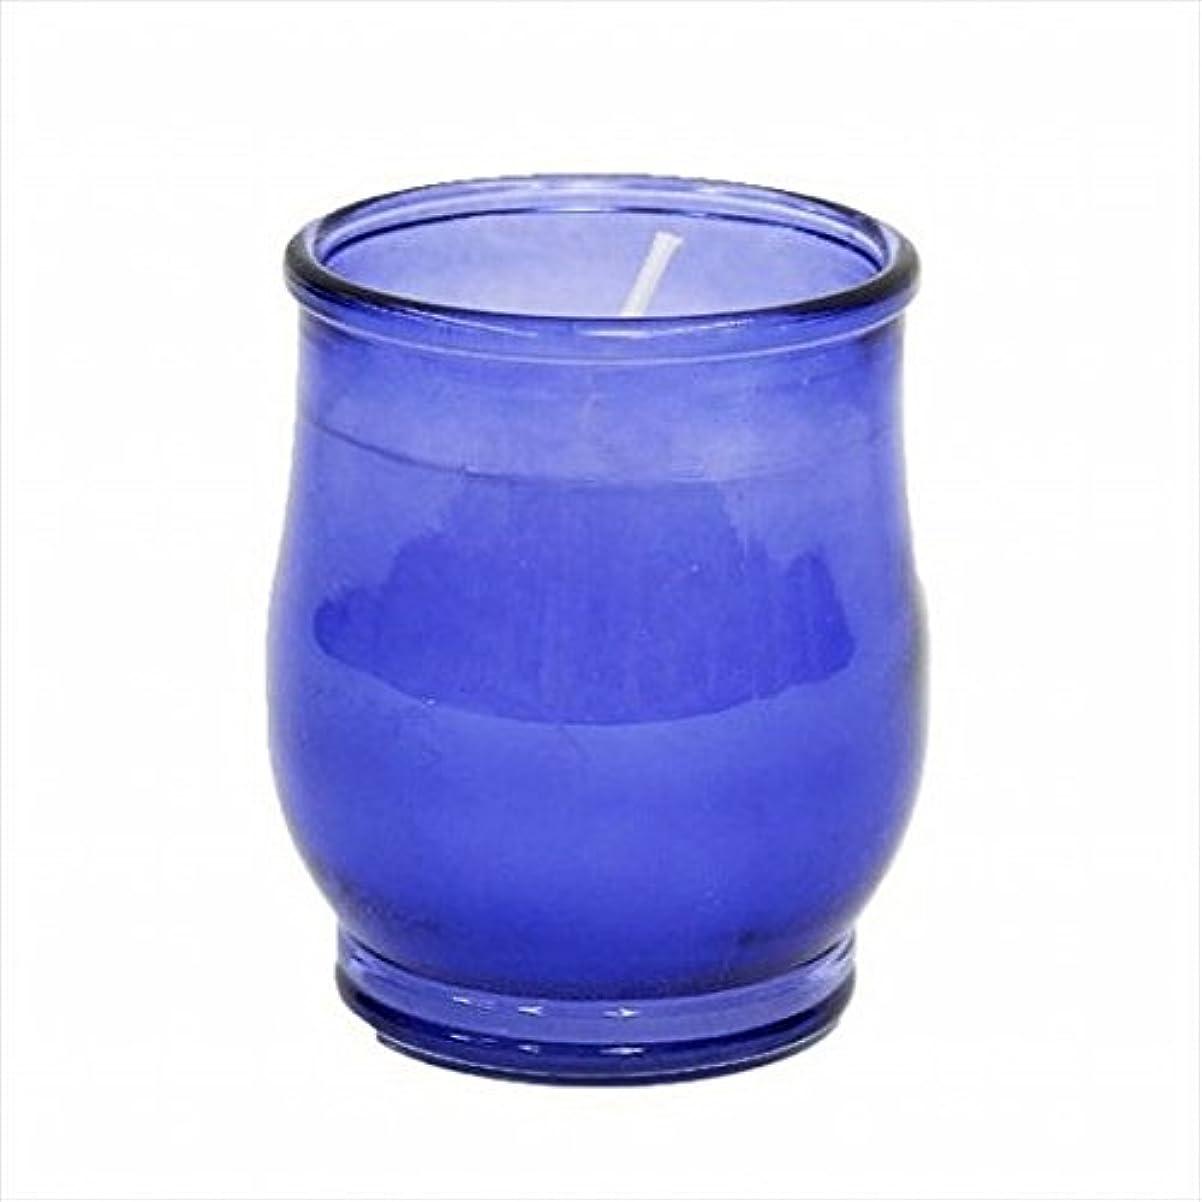 略奪まつげ北kameyama candle(カメヤマキャンドル) ポシェ(非常用コップローソク) 「 ブルー(ライトカラー) 」 キャンドル 68x68x80mm (73020030B)